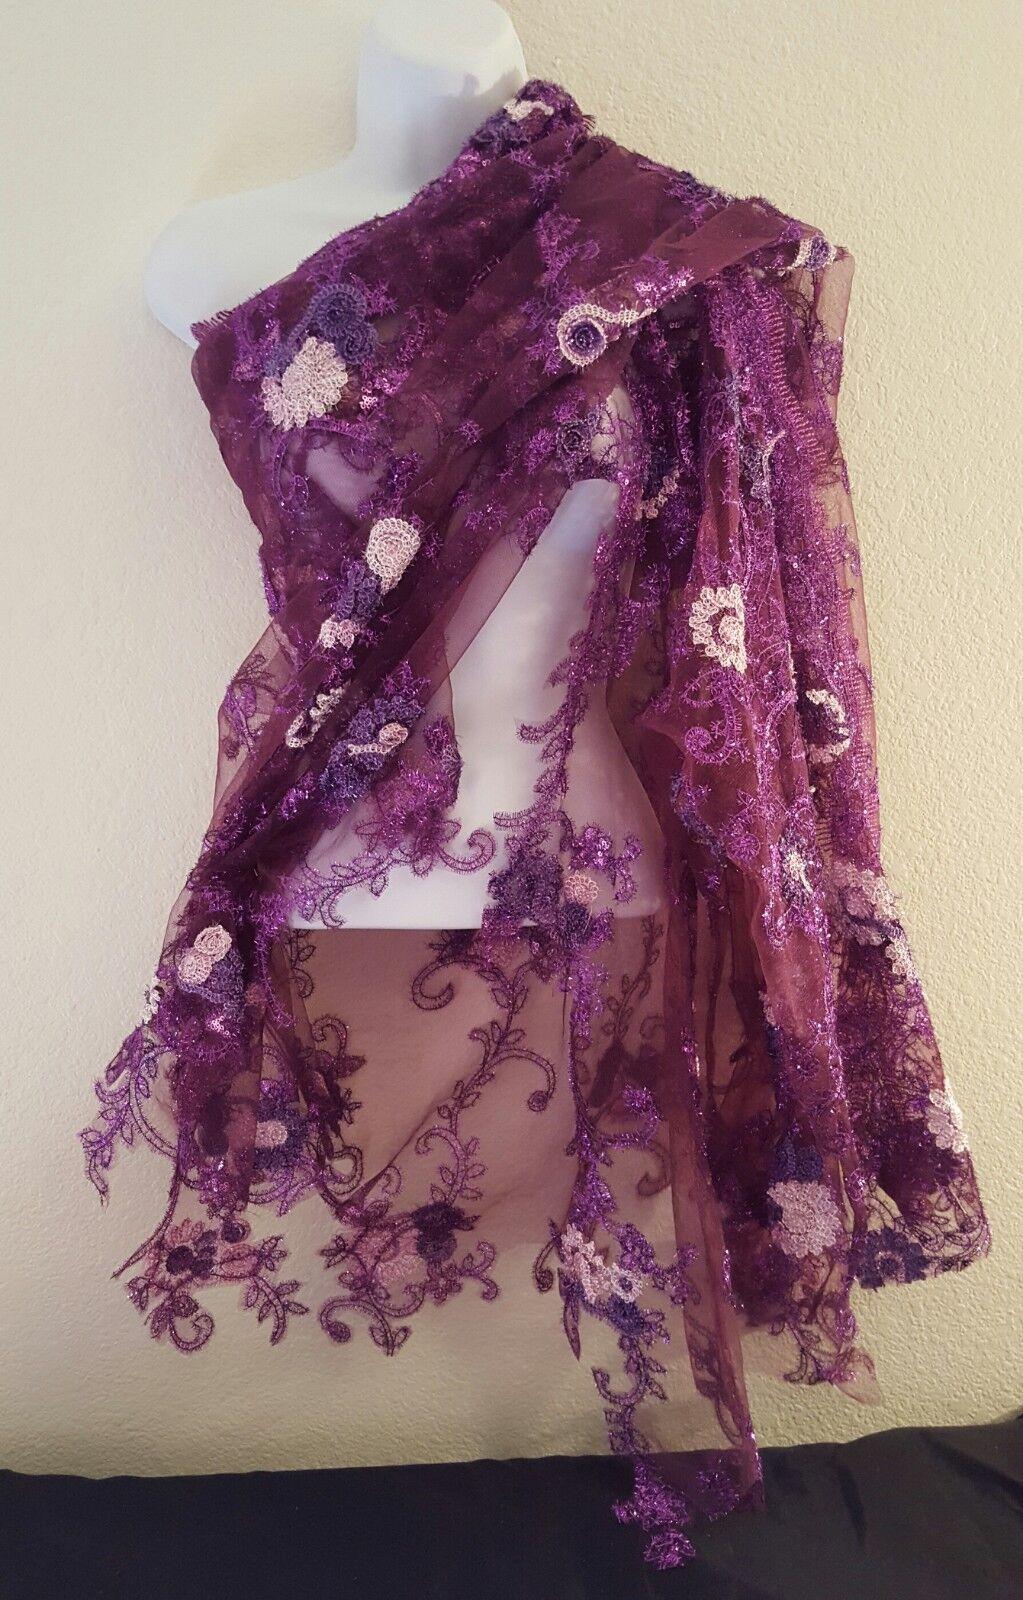 Nuevo  Púrpura Tul Bordado Floral Top De Encaje Chaqueta Bolero Abrigo De Novia Boda  Venta al por mayor barato y de alta calidad.